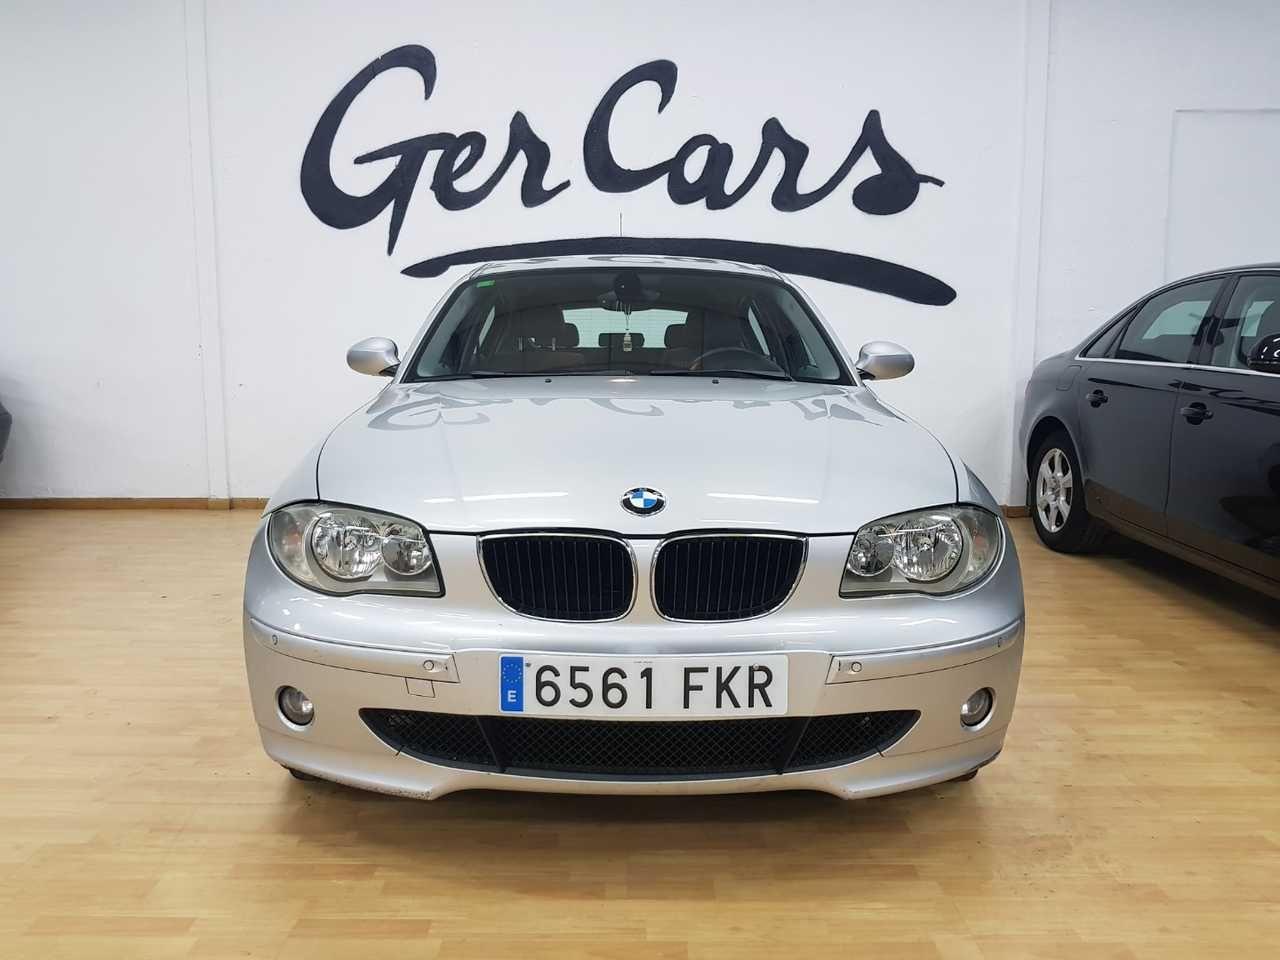 BMW Serie 1 120I 150CV AUT: Vehículos de ocasión de Gercars